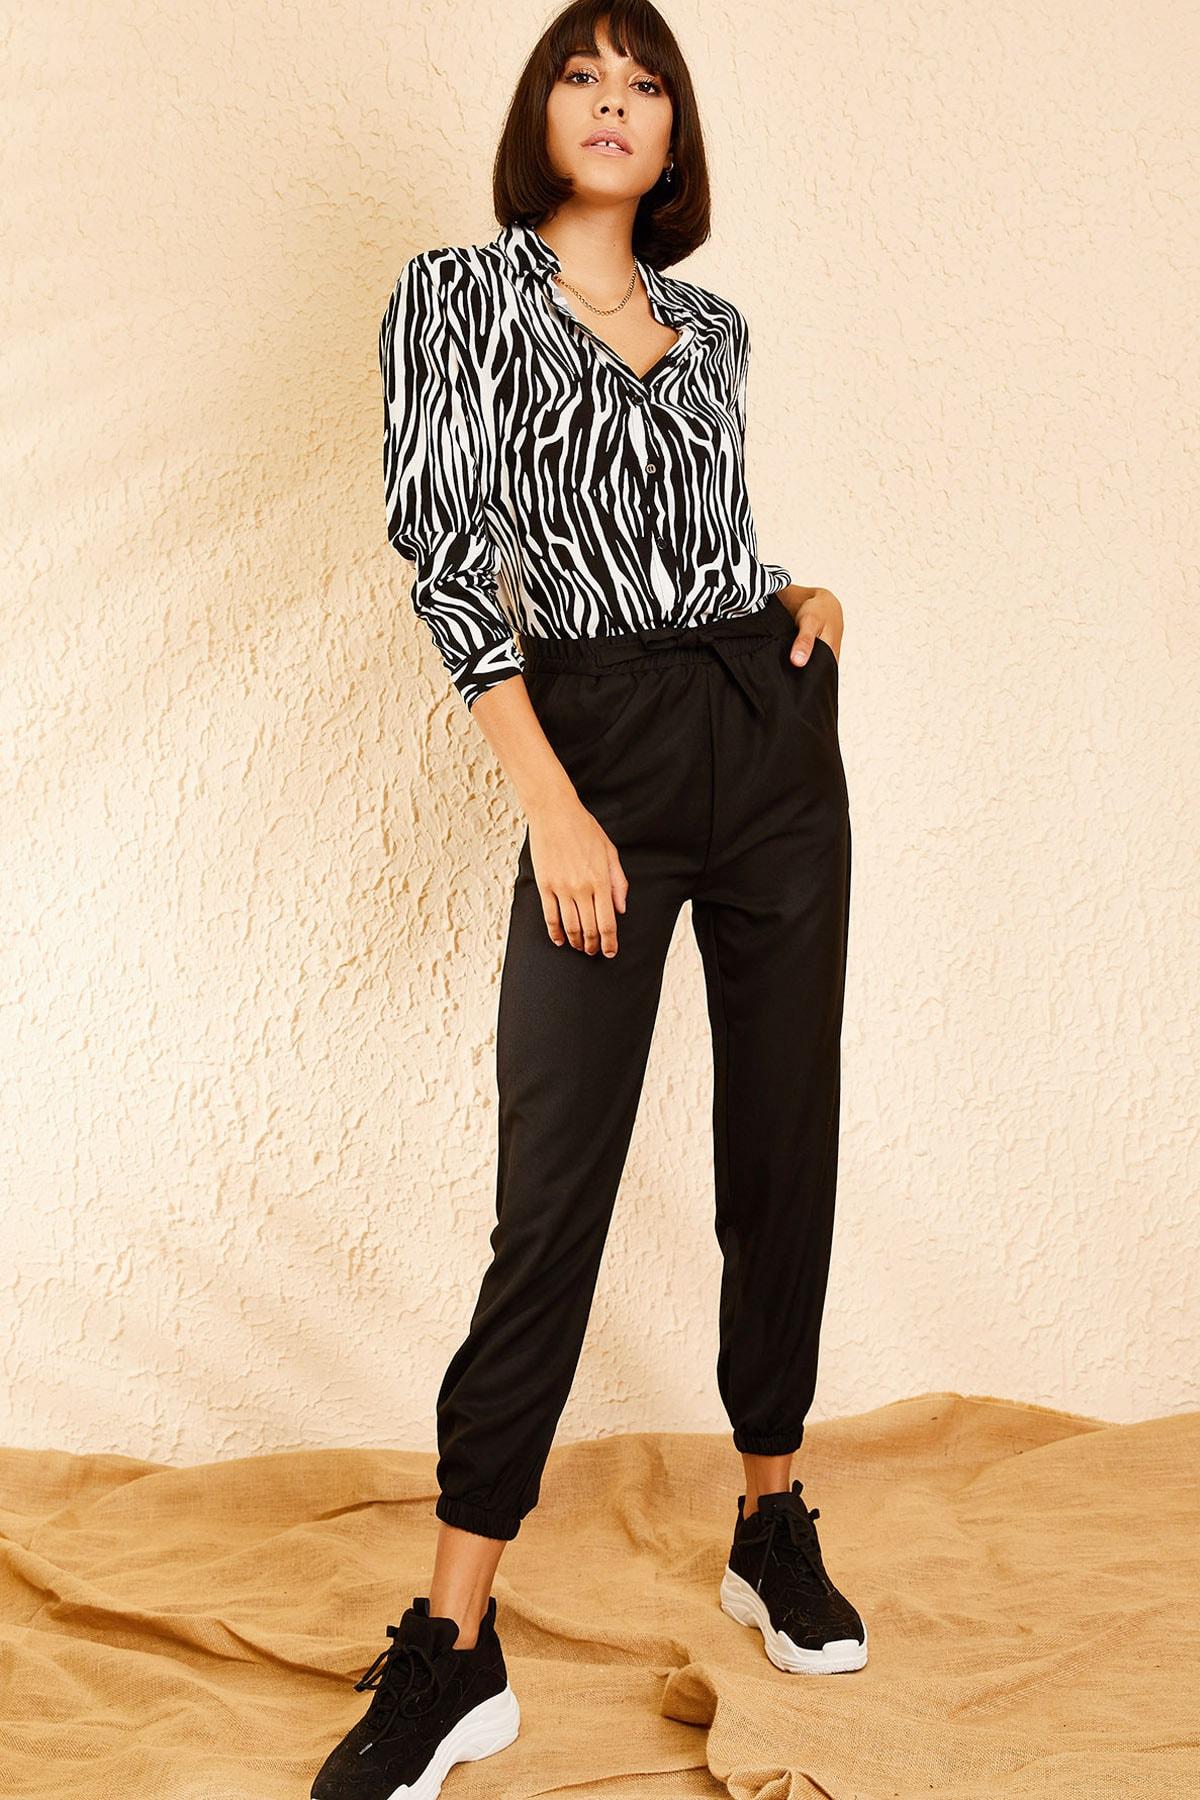 Bianco Lucci Kadın Siyah Beli ve Paçası Lastikli Mevsimlik Rahat Pantolon 10111026 1